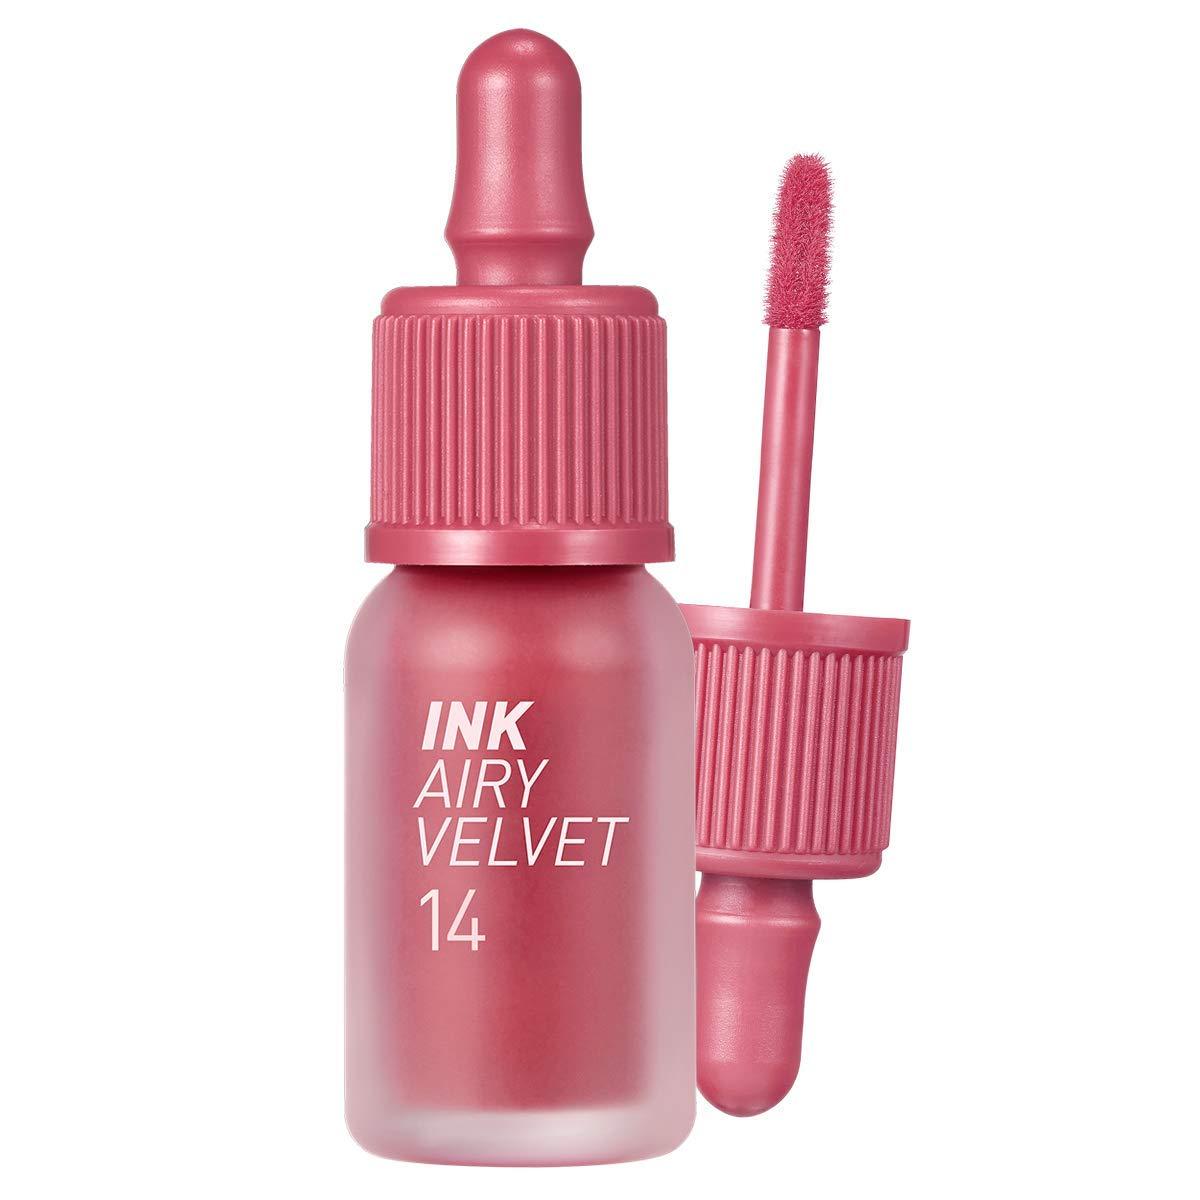 Peripera Ink Airy Velvet (0.14 fl oz, 14 Rosy Pink)